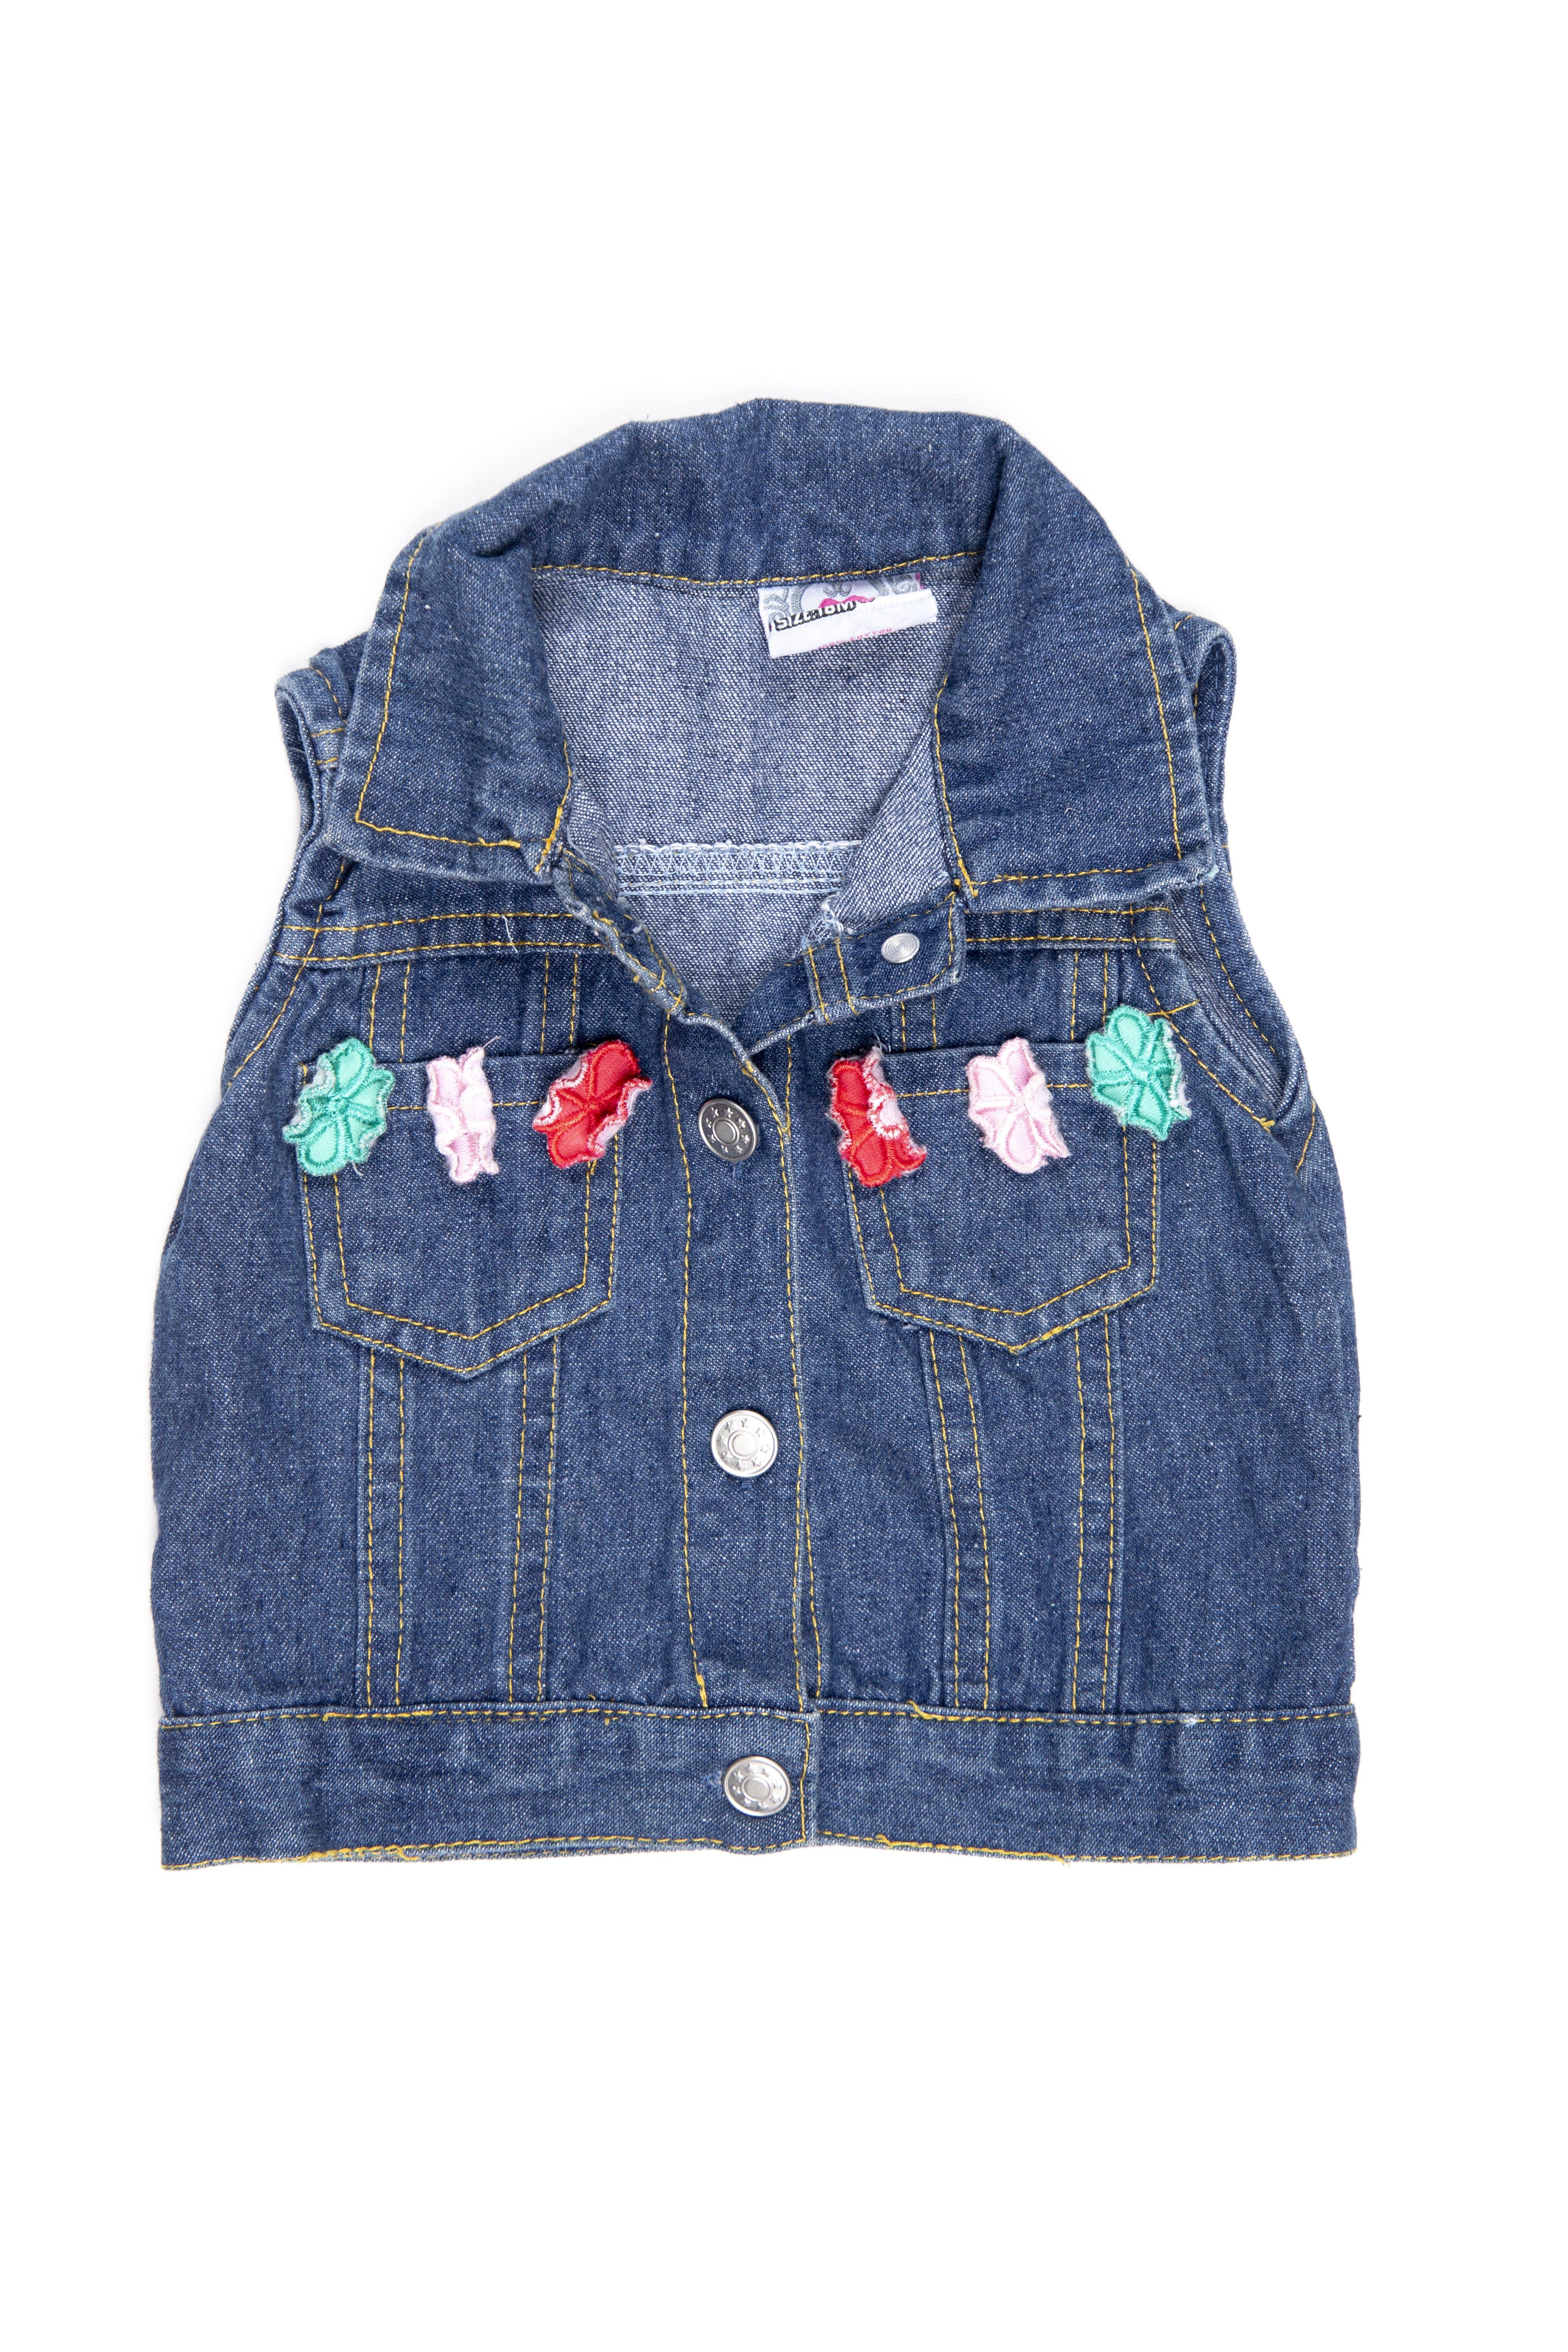 chaleco jean con aplicaciones de flores 100% algodón - real love